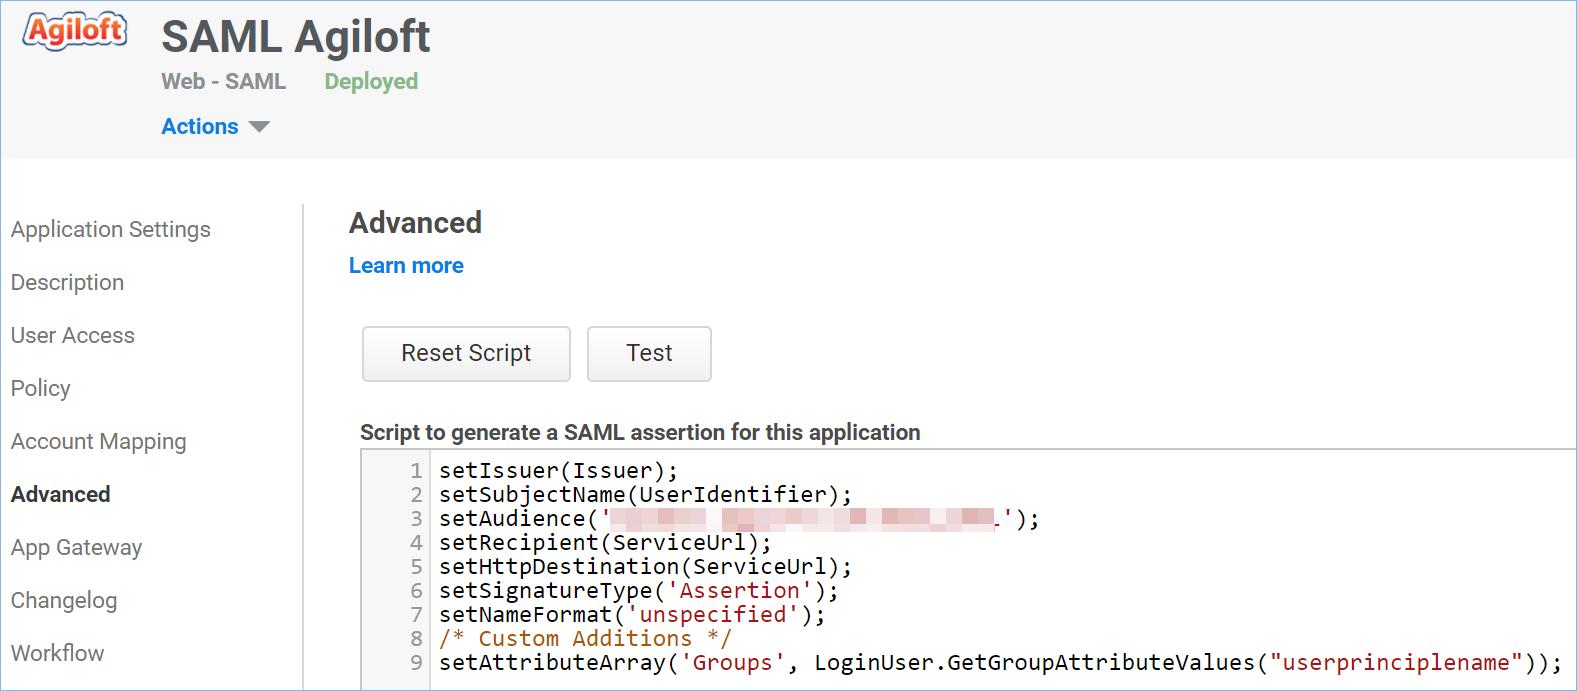 SAML 2 0 Centrify Identity Service Integration - Help